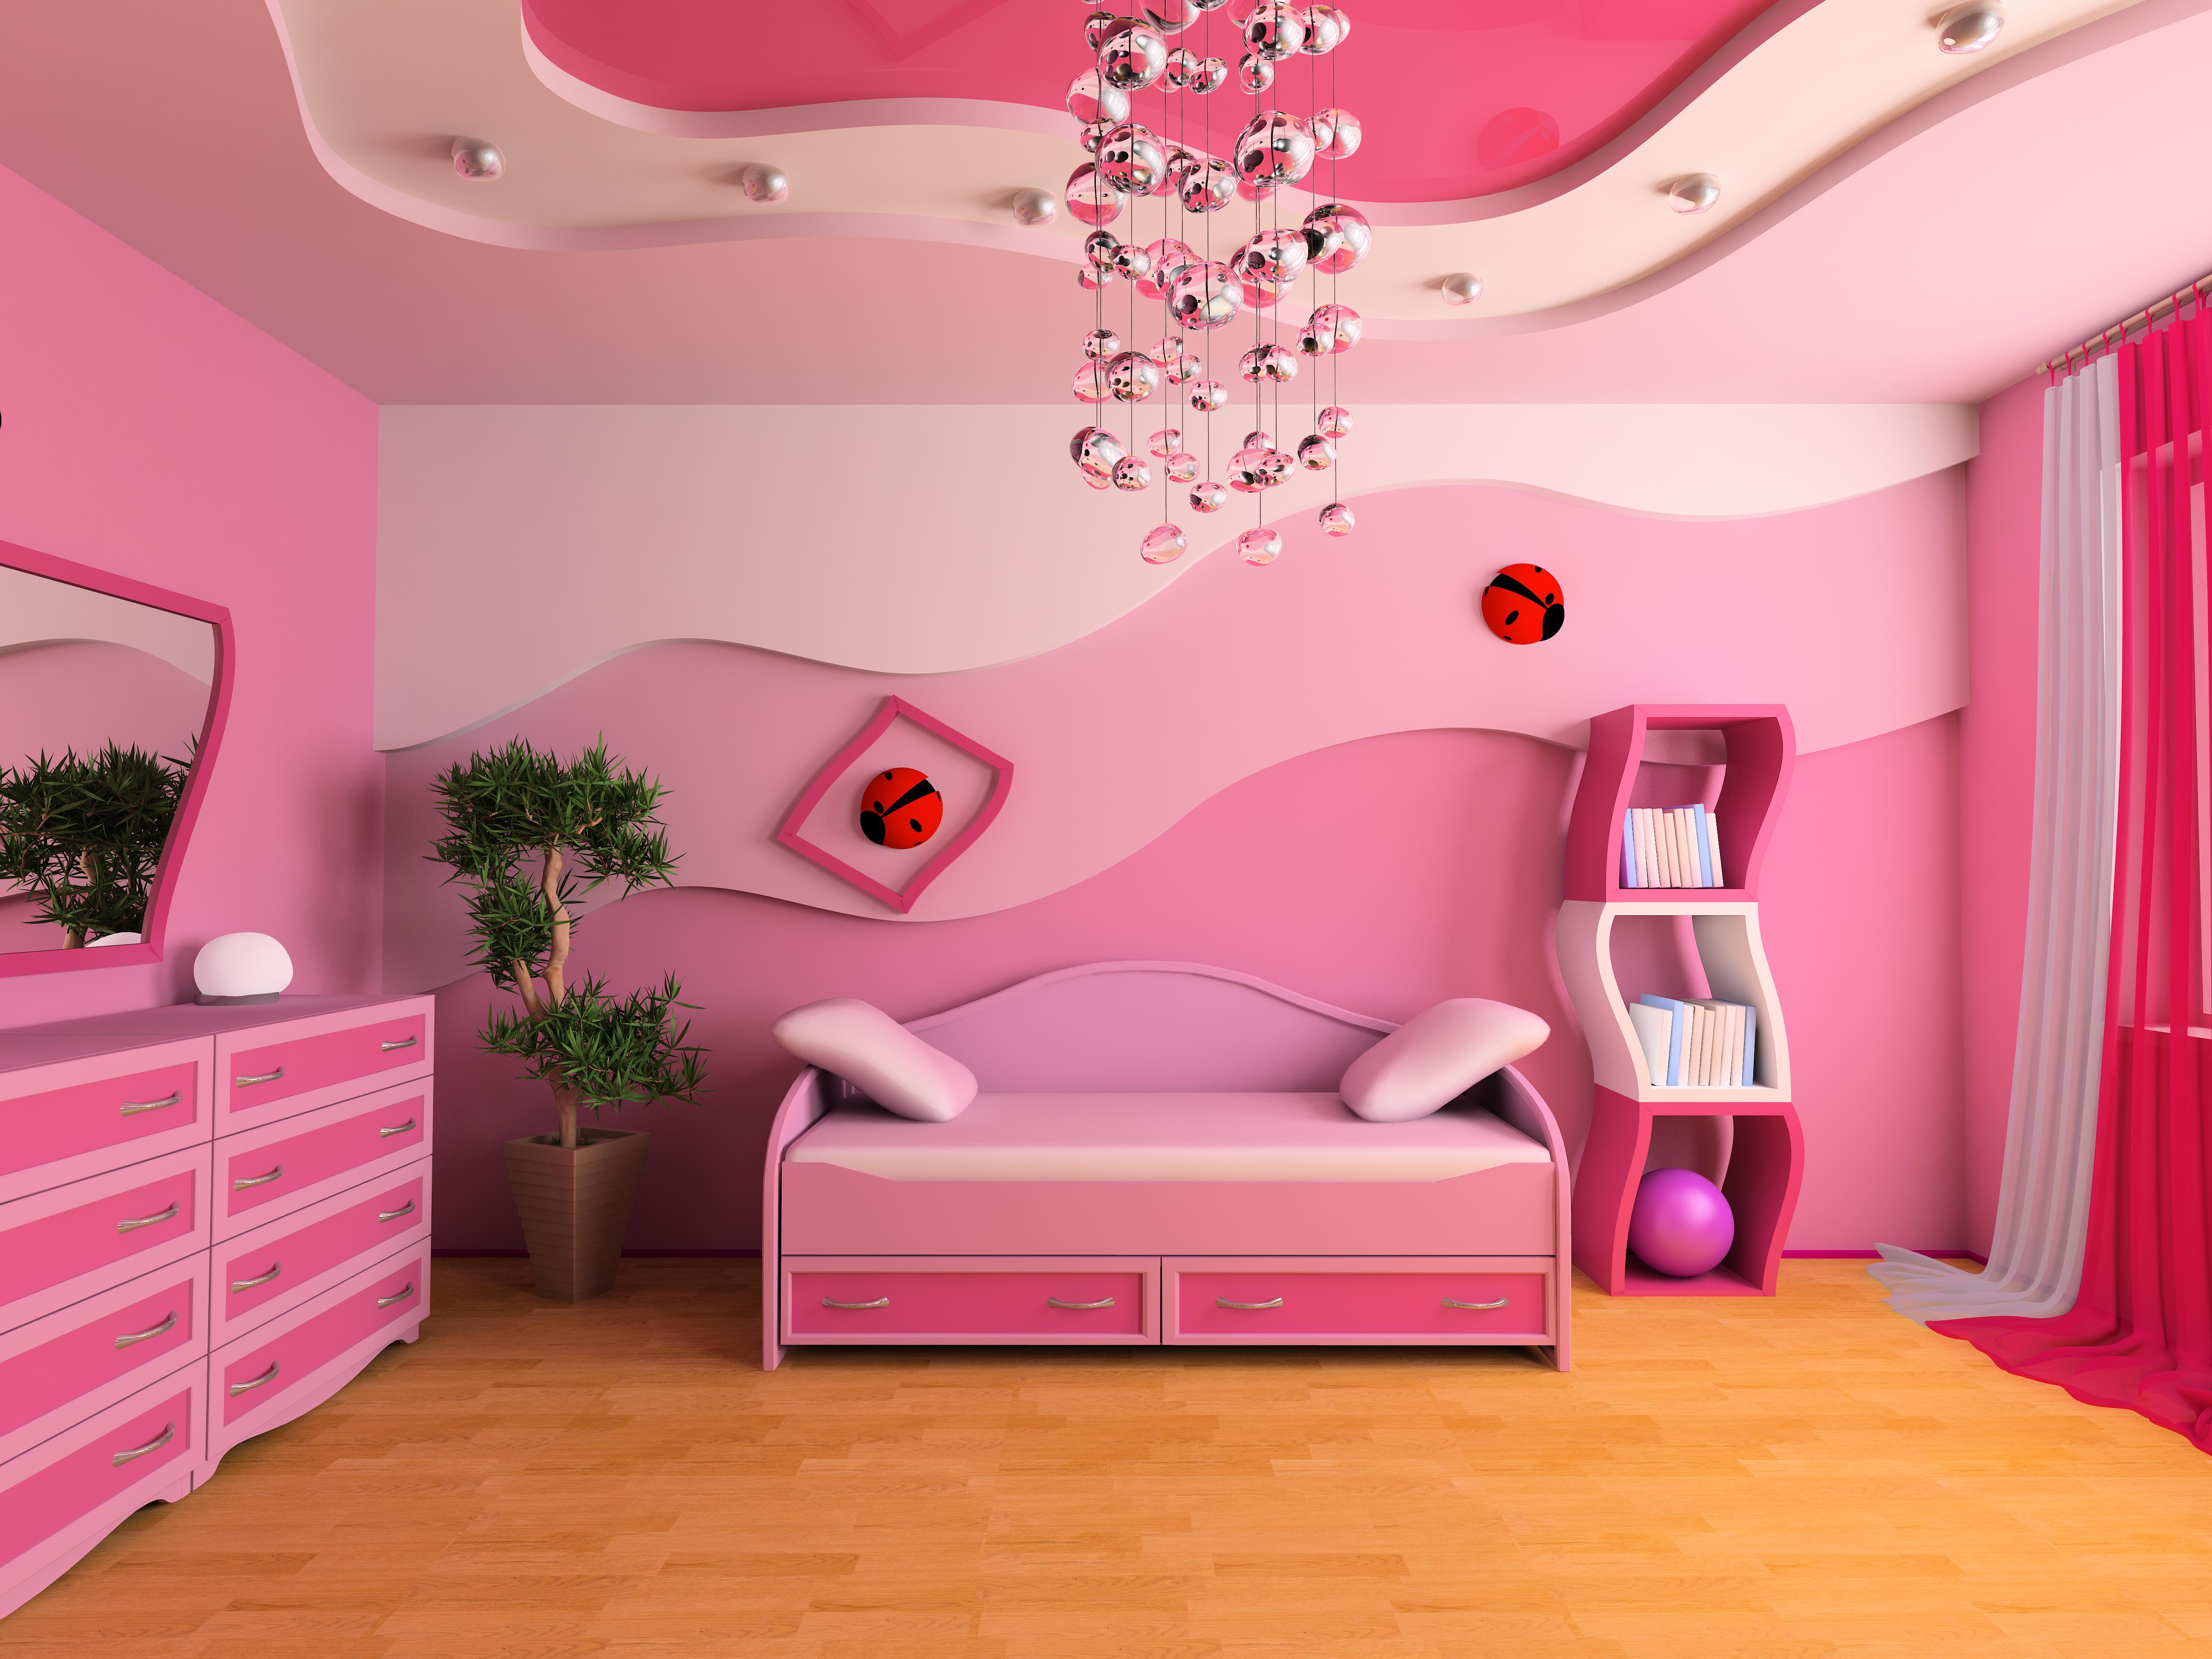 Розовая щель фото 11 фотография